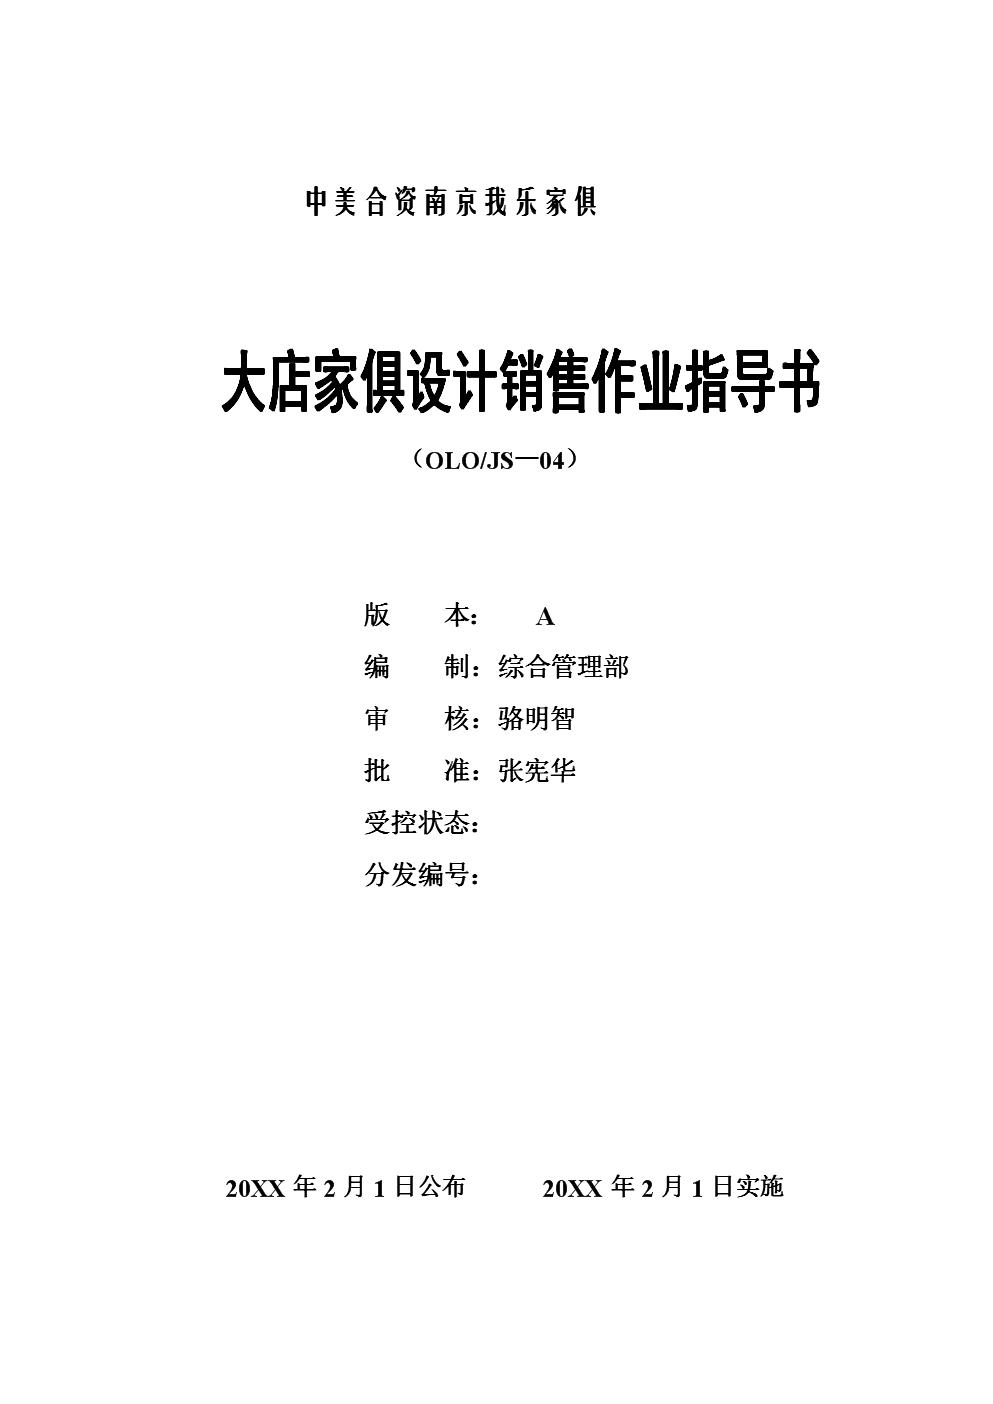 大店家具设计销售作业指导说明指导书封面.doc